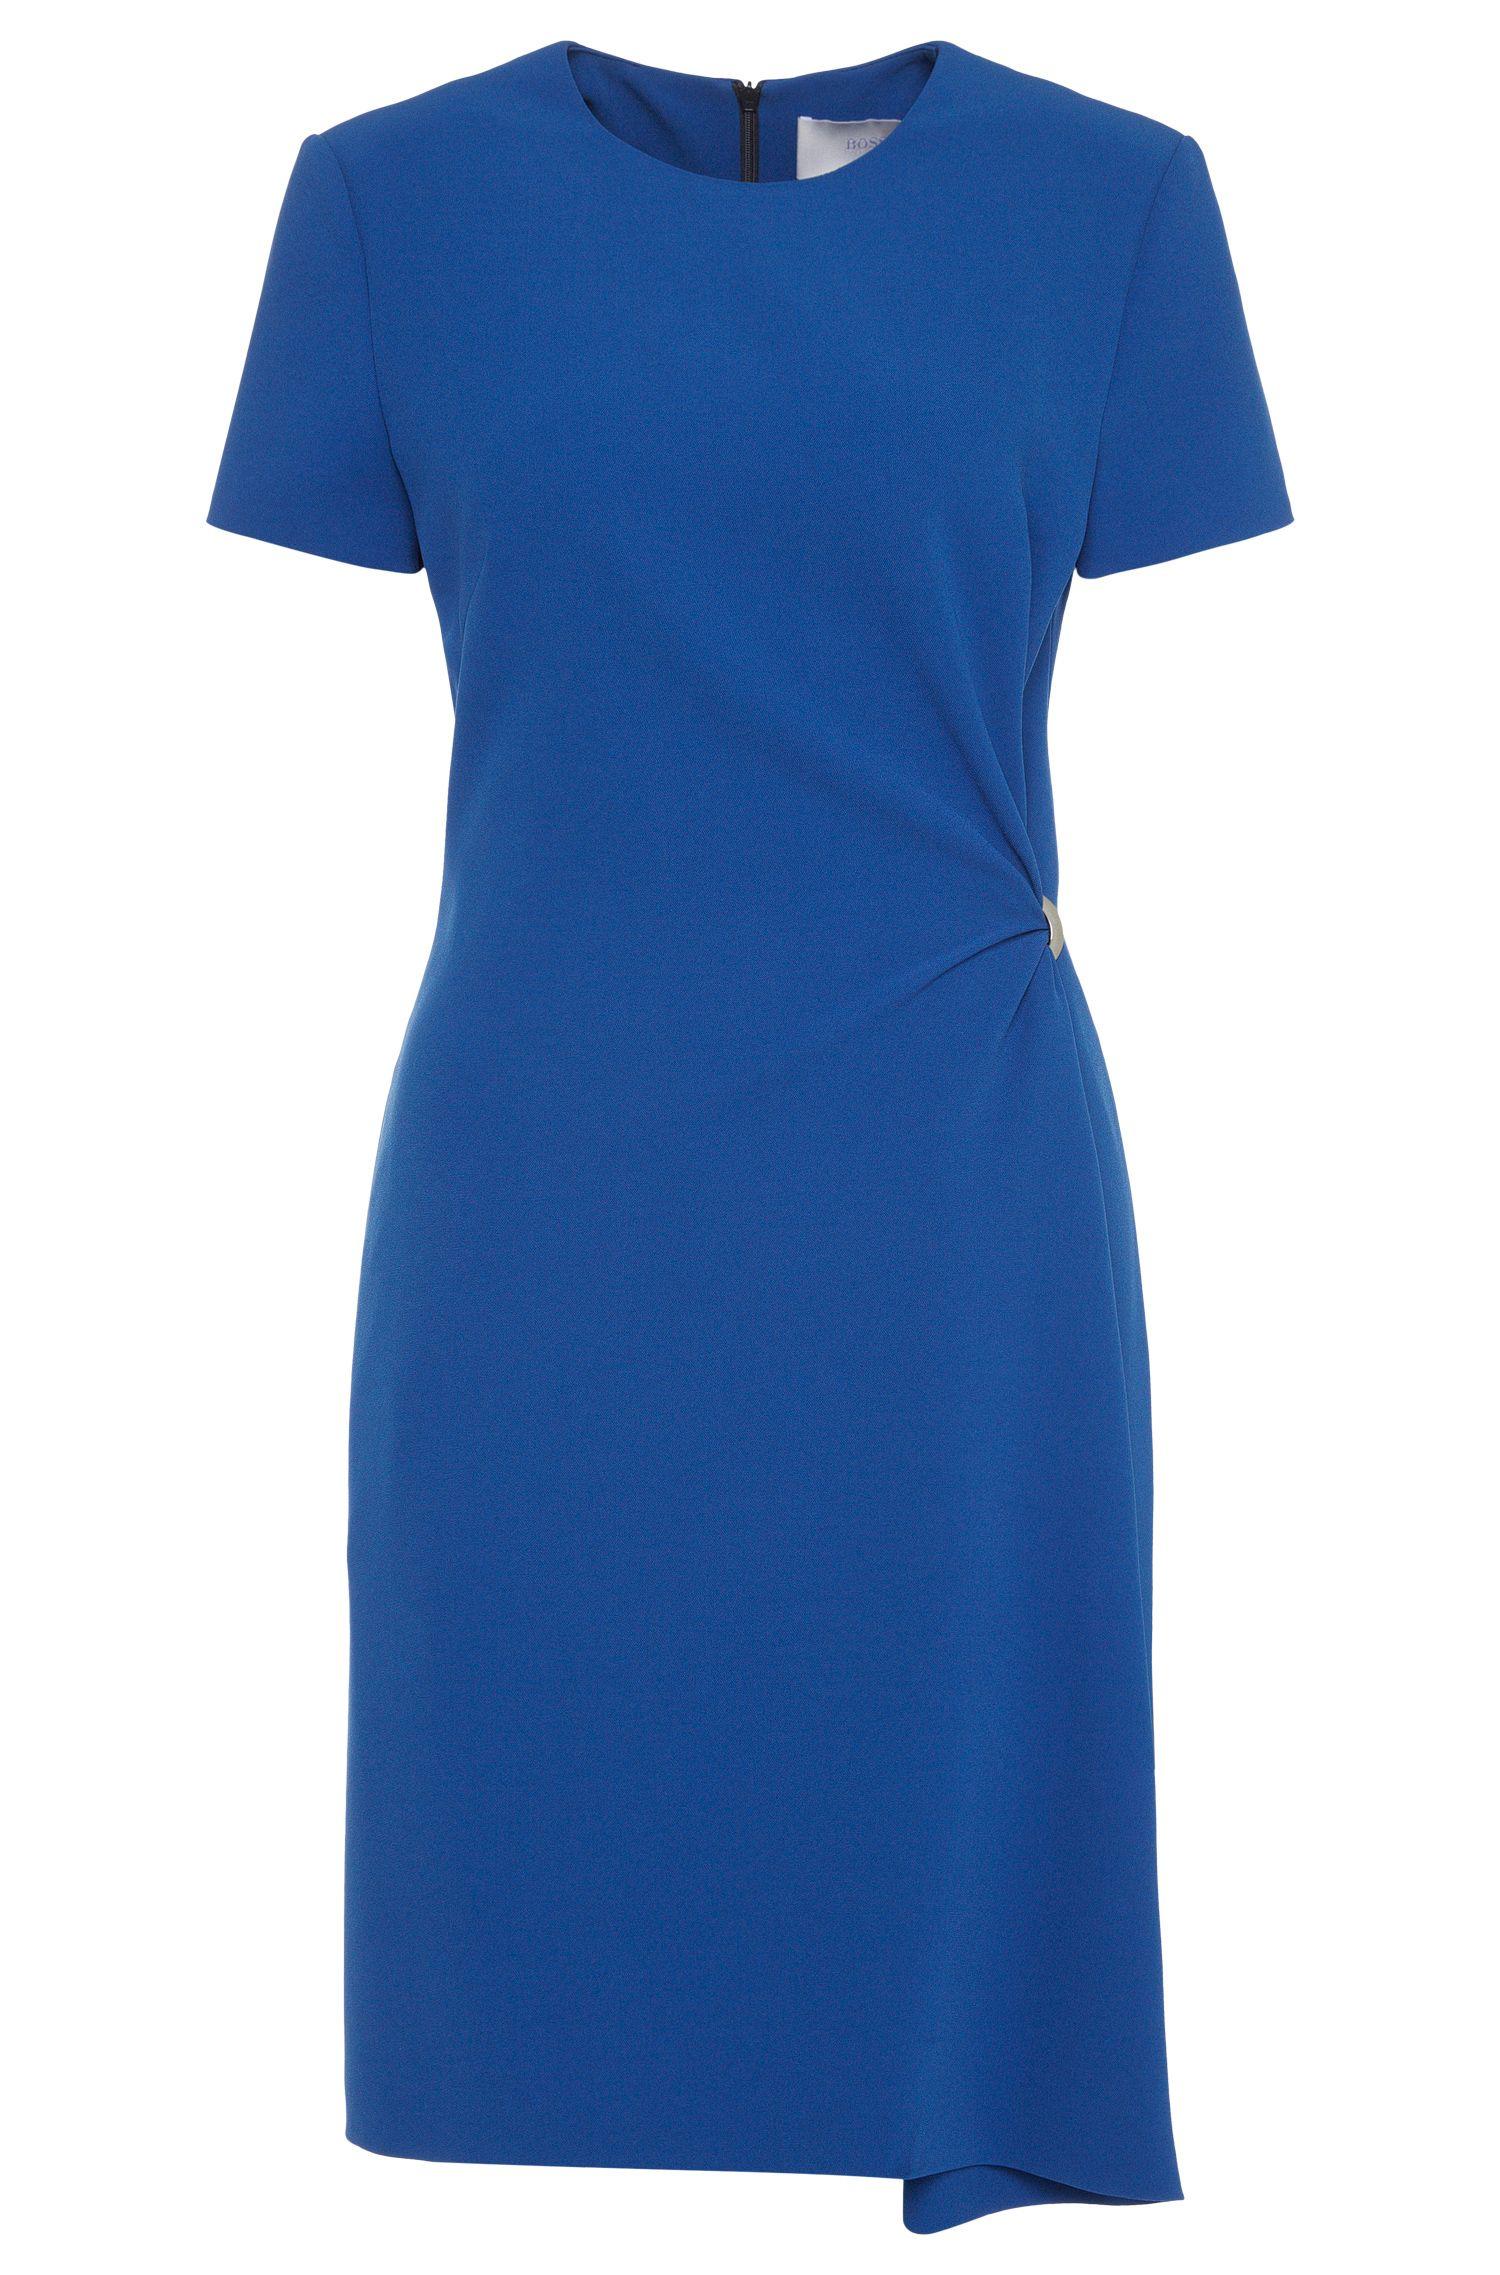 Unifarbenes Kleid mit seitlicher Raffung: 'Dirami'